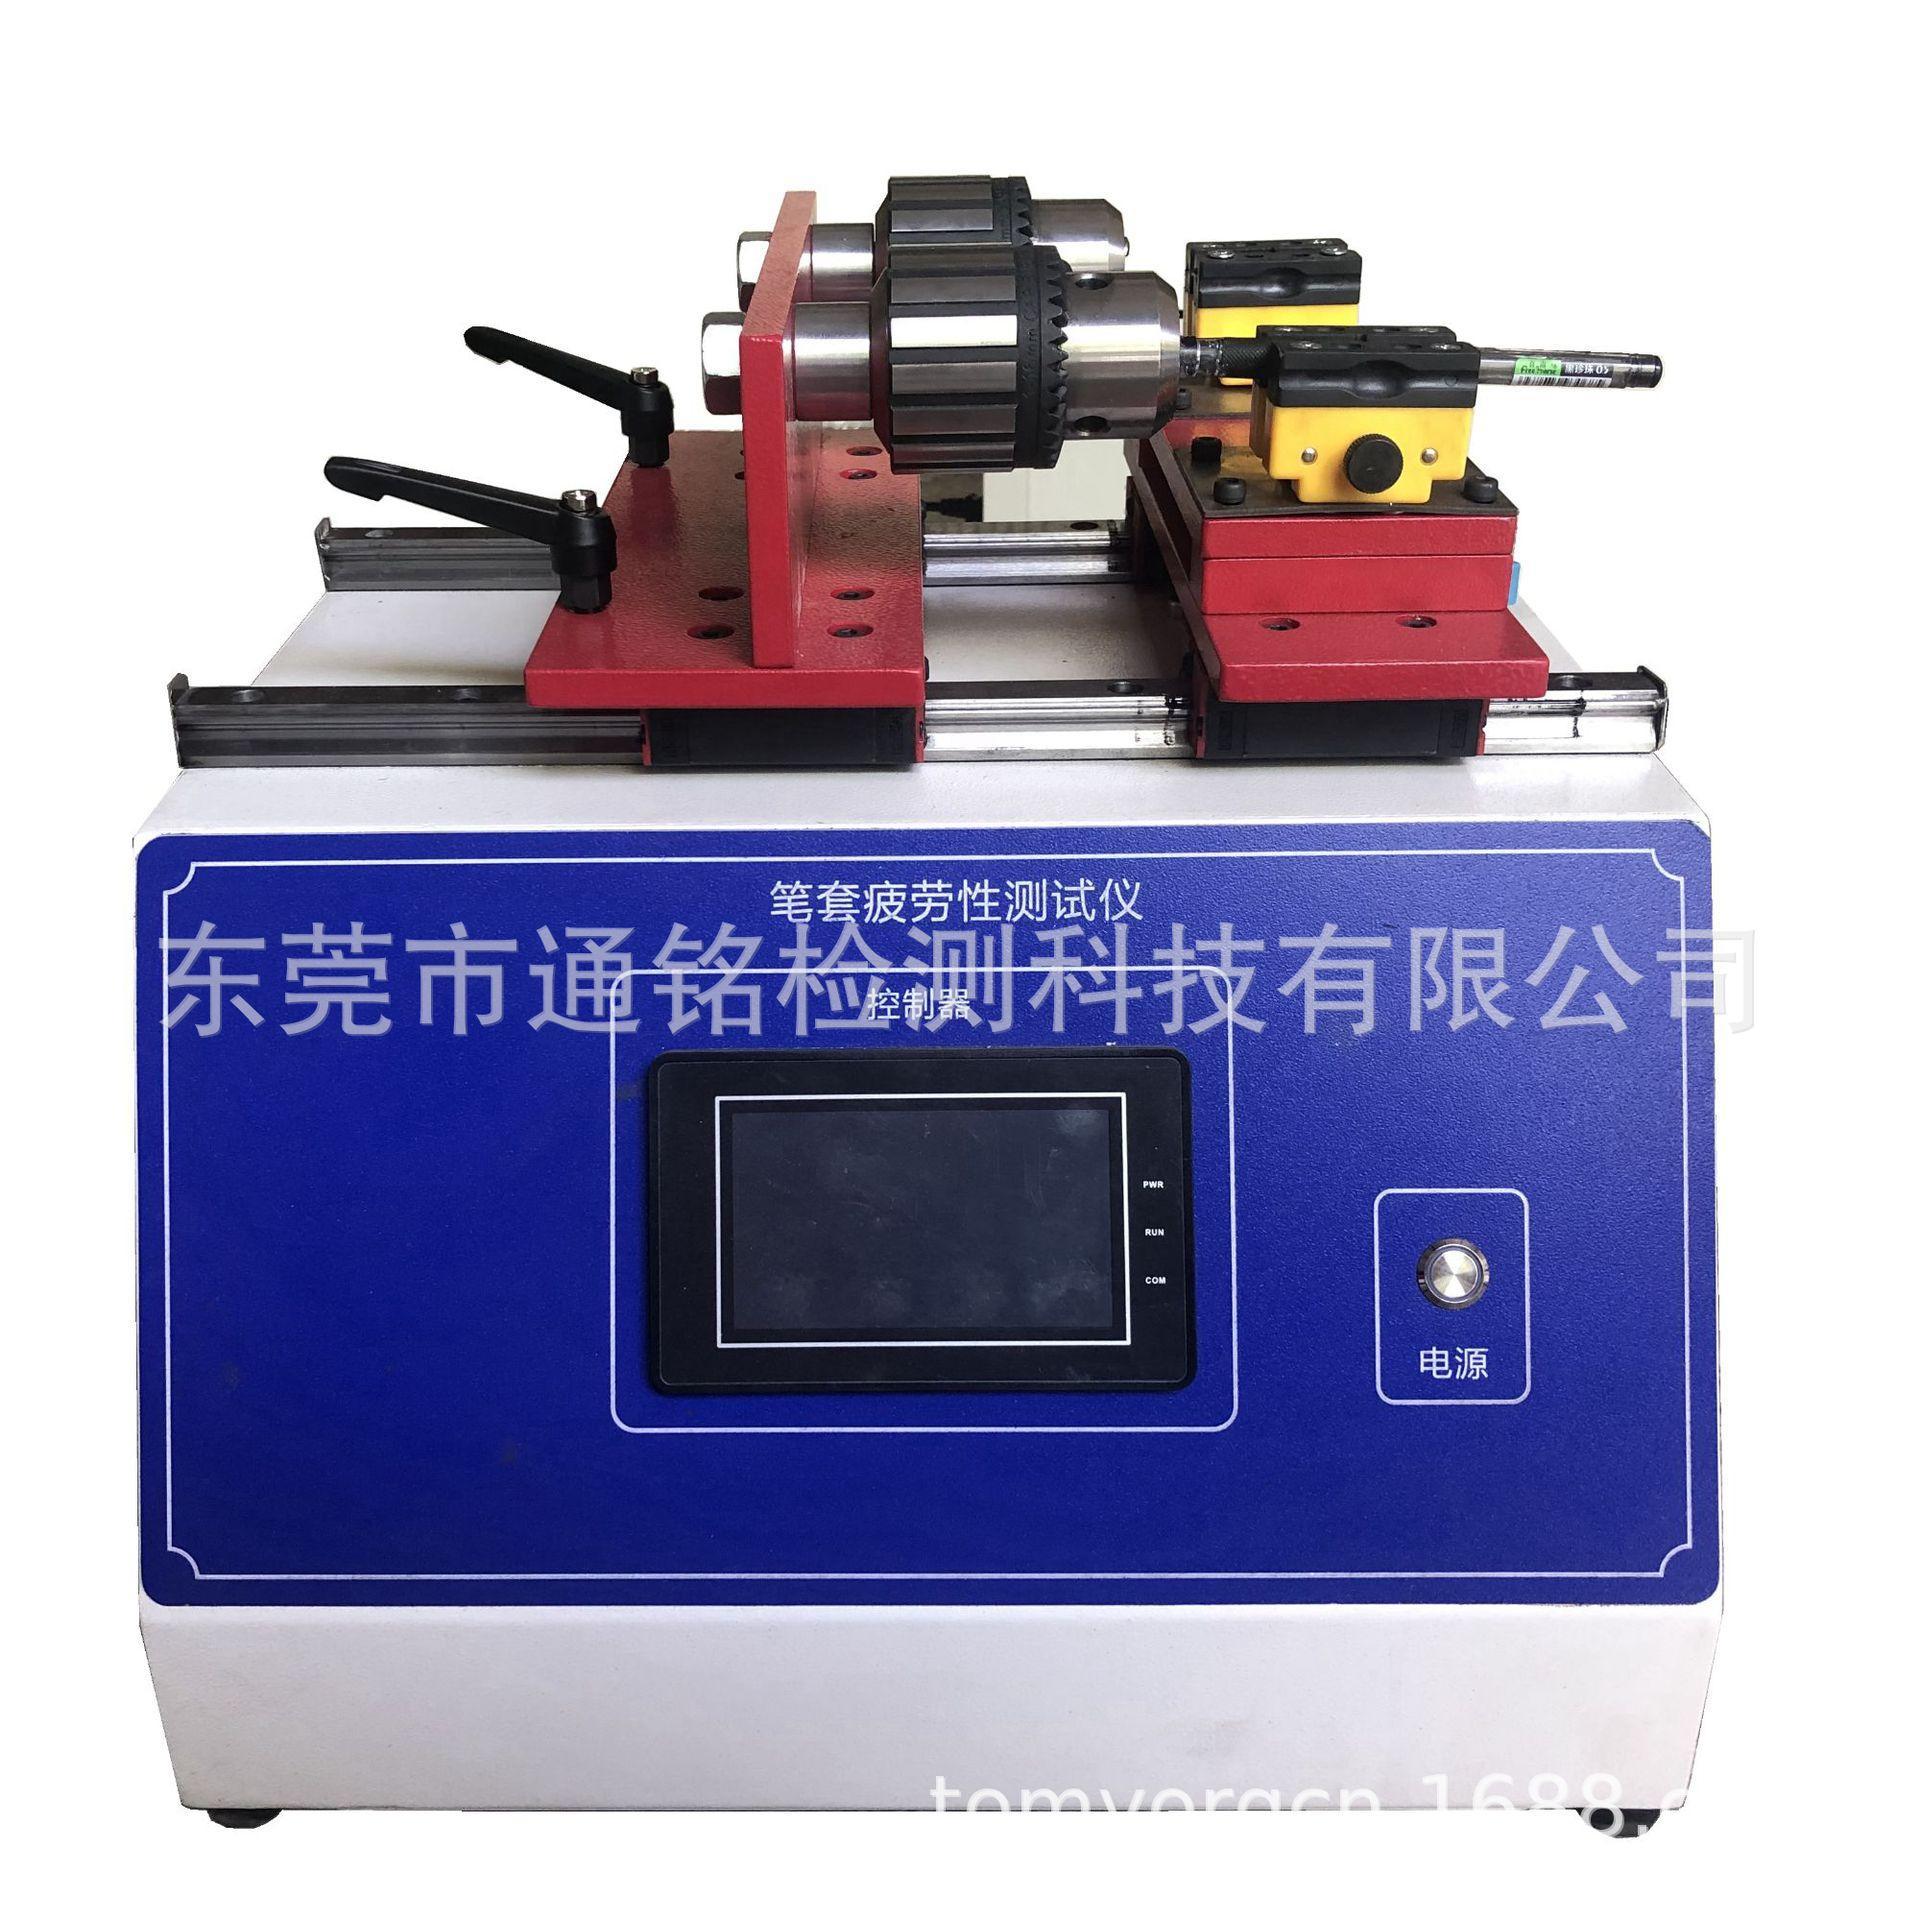 优质厂家 笔套疲劳仪,水笔插拔耐久性试验机GB/T 26717,QB/T 2775 1